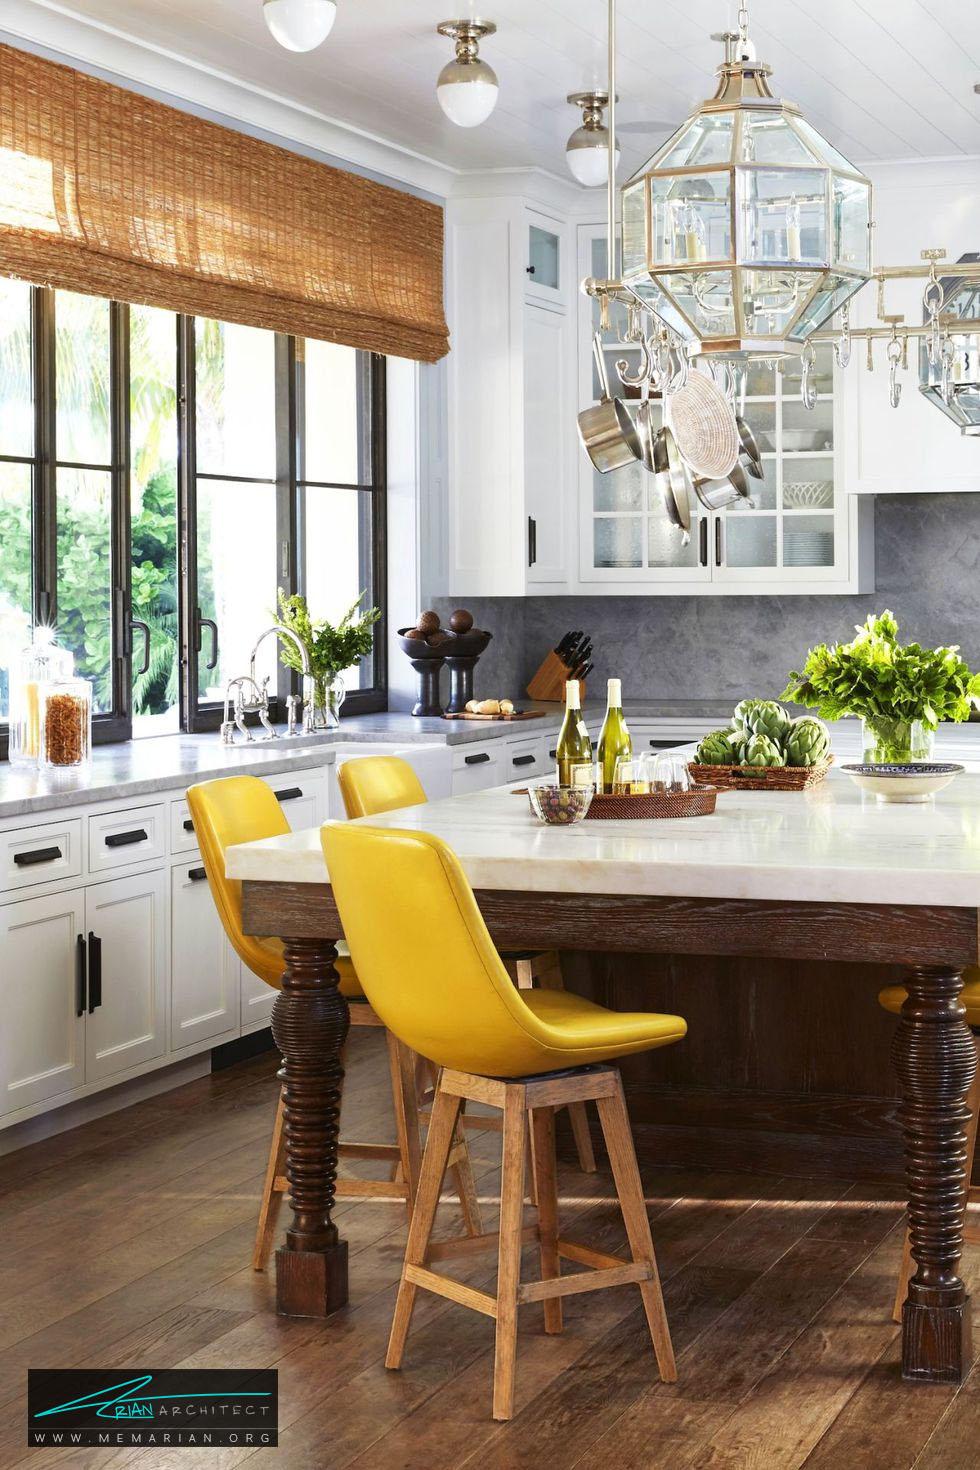 میز ناهارخوری شیک و ساده - 20 ایده جذاب برای چیدمان دکوراسیون آشپزخانه